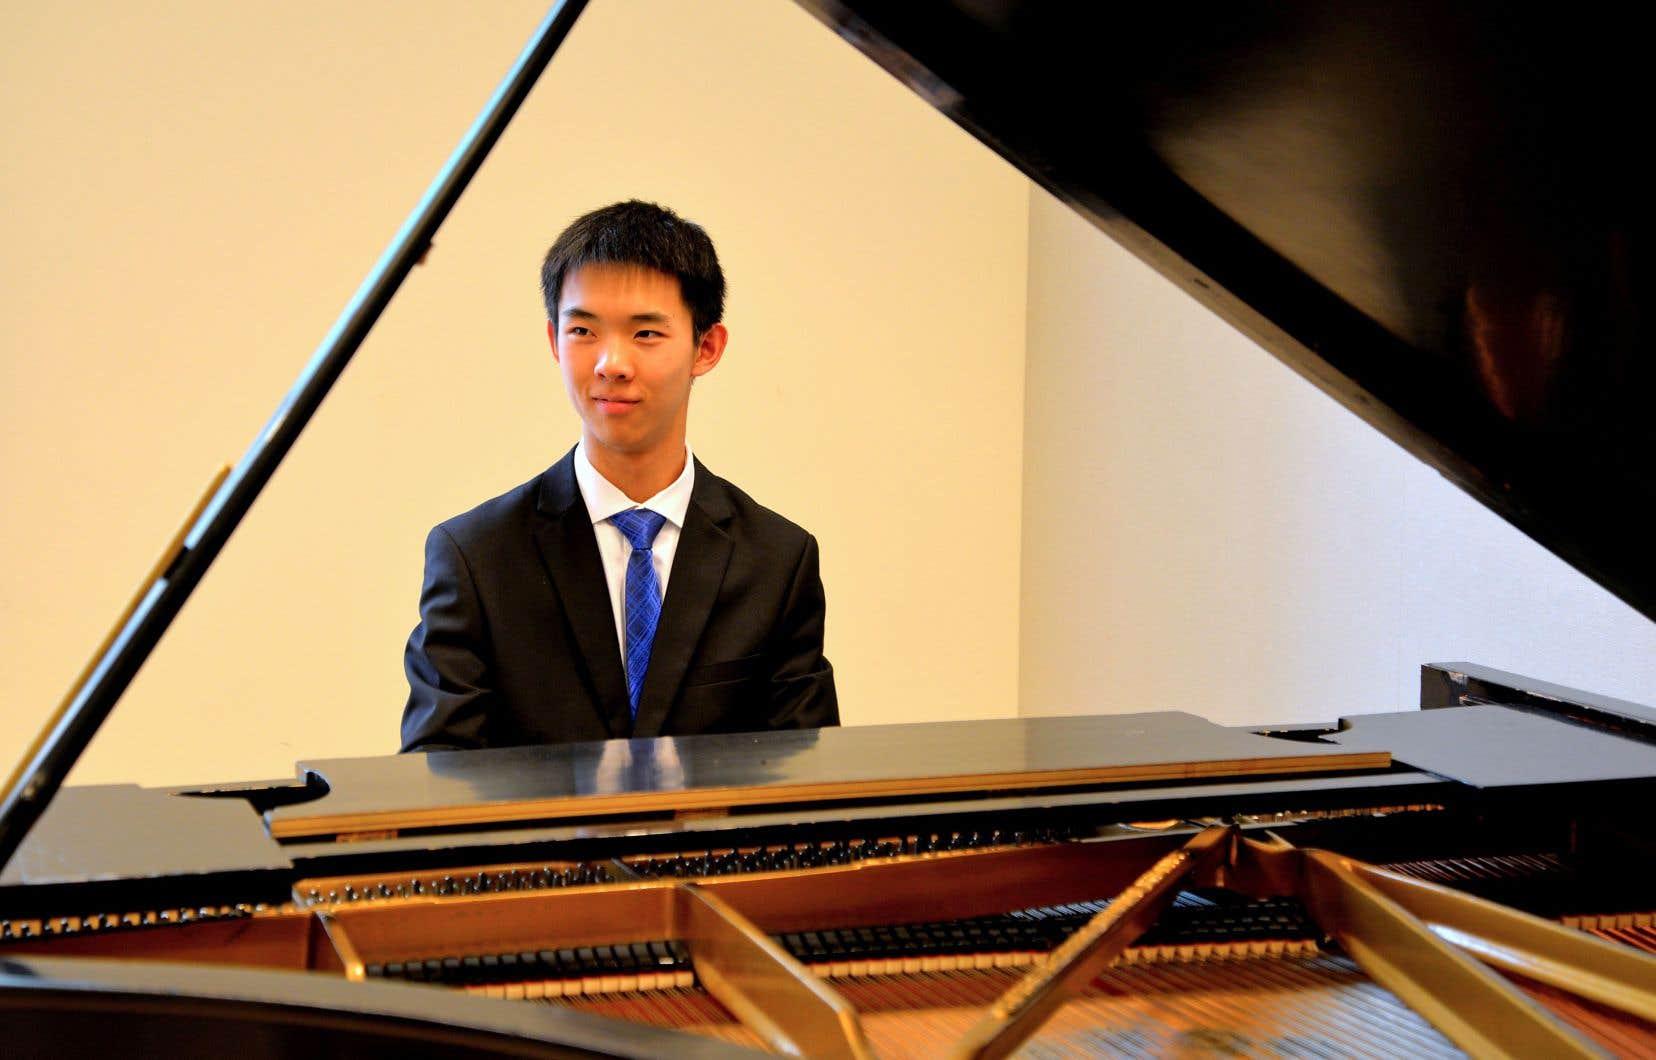 Âgé de 15ans, Raymond Huang, qui jouera le 9juillet le premier mouvement du 1erConcerto pour piano de Chopin, est un étudiant de l'Académie Taylor du Conservatoire royal de musique de Toronto.